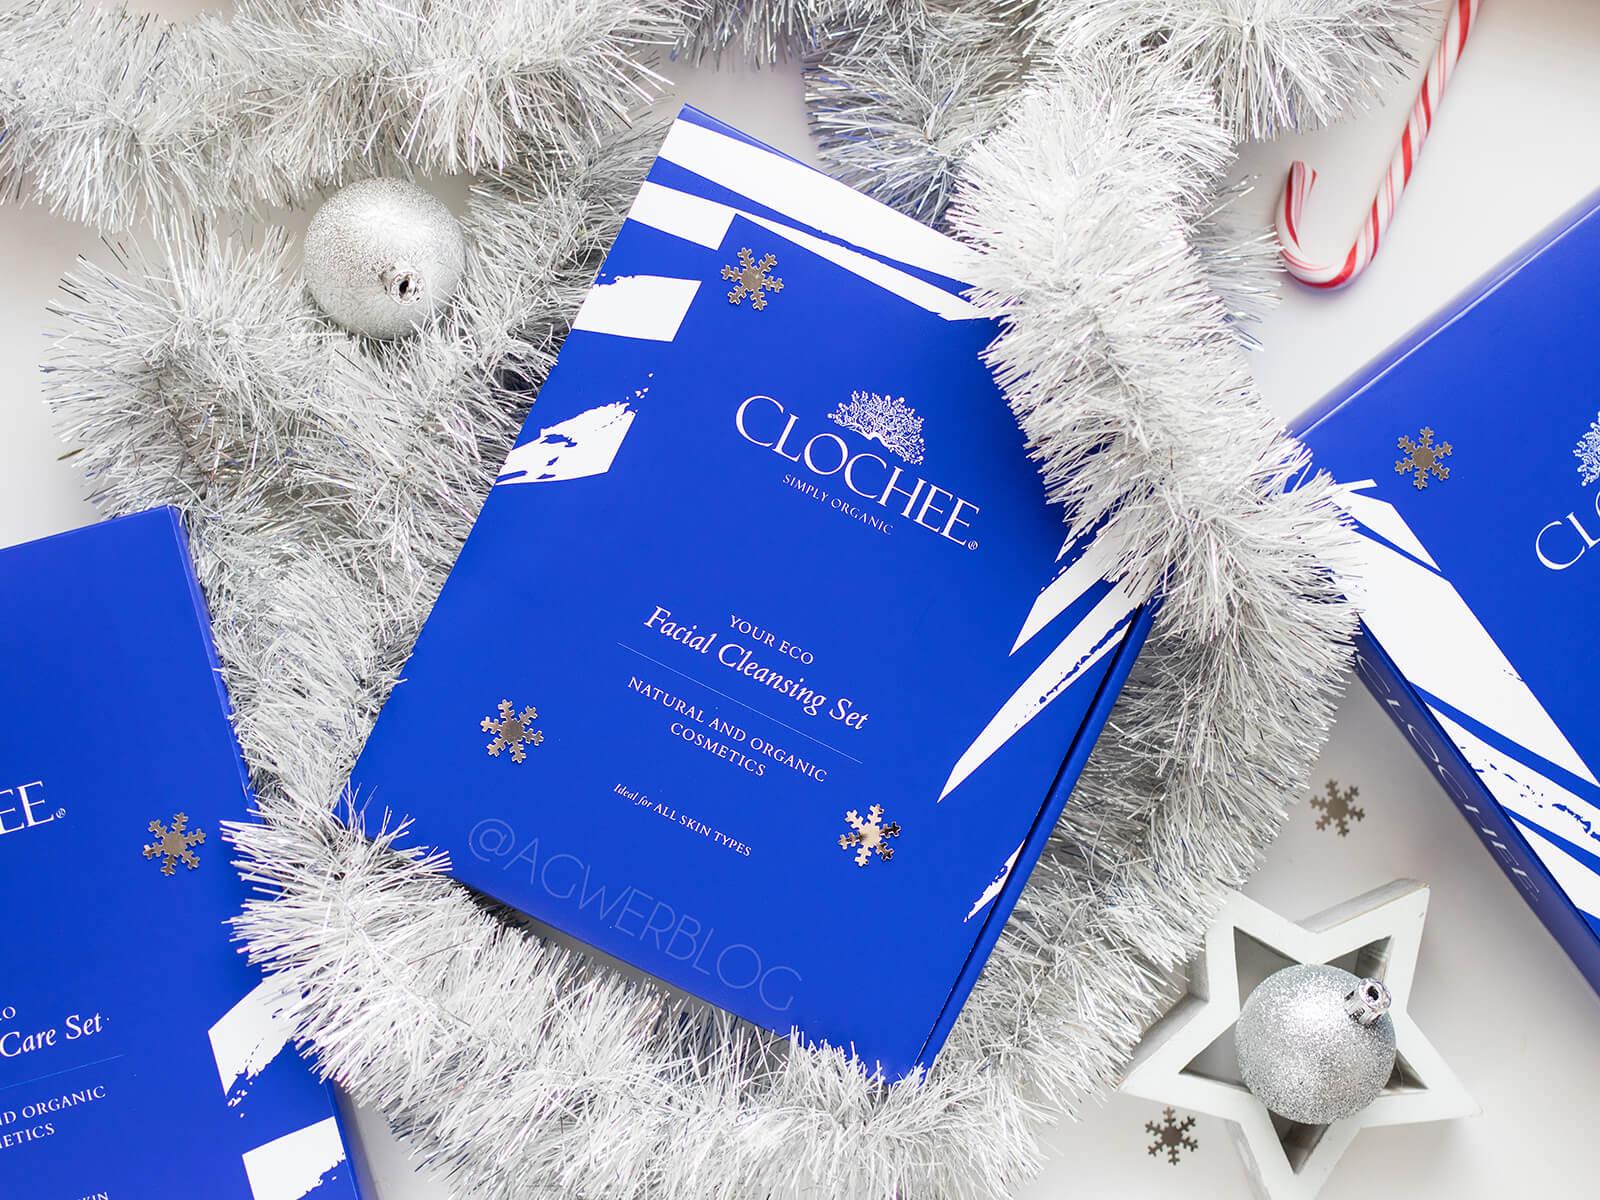 Zestawy prezentowe Clochee – który wybrać?